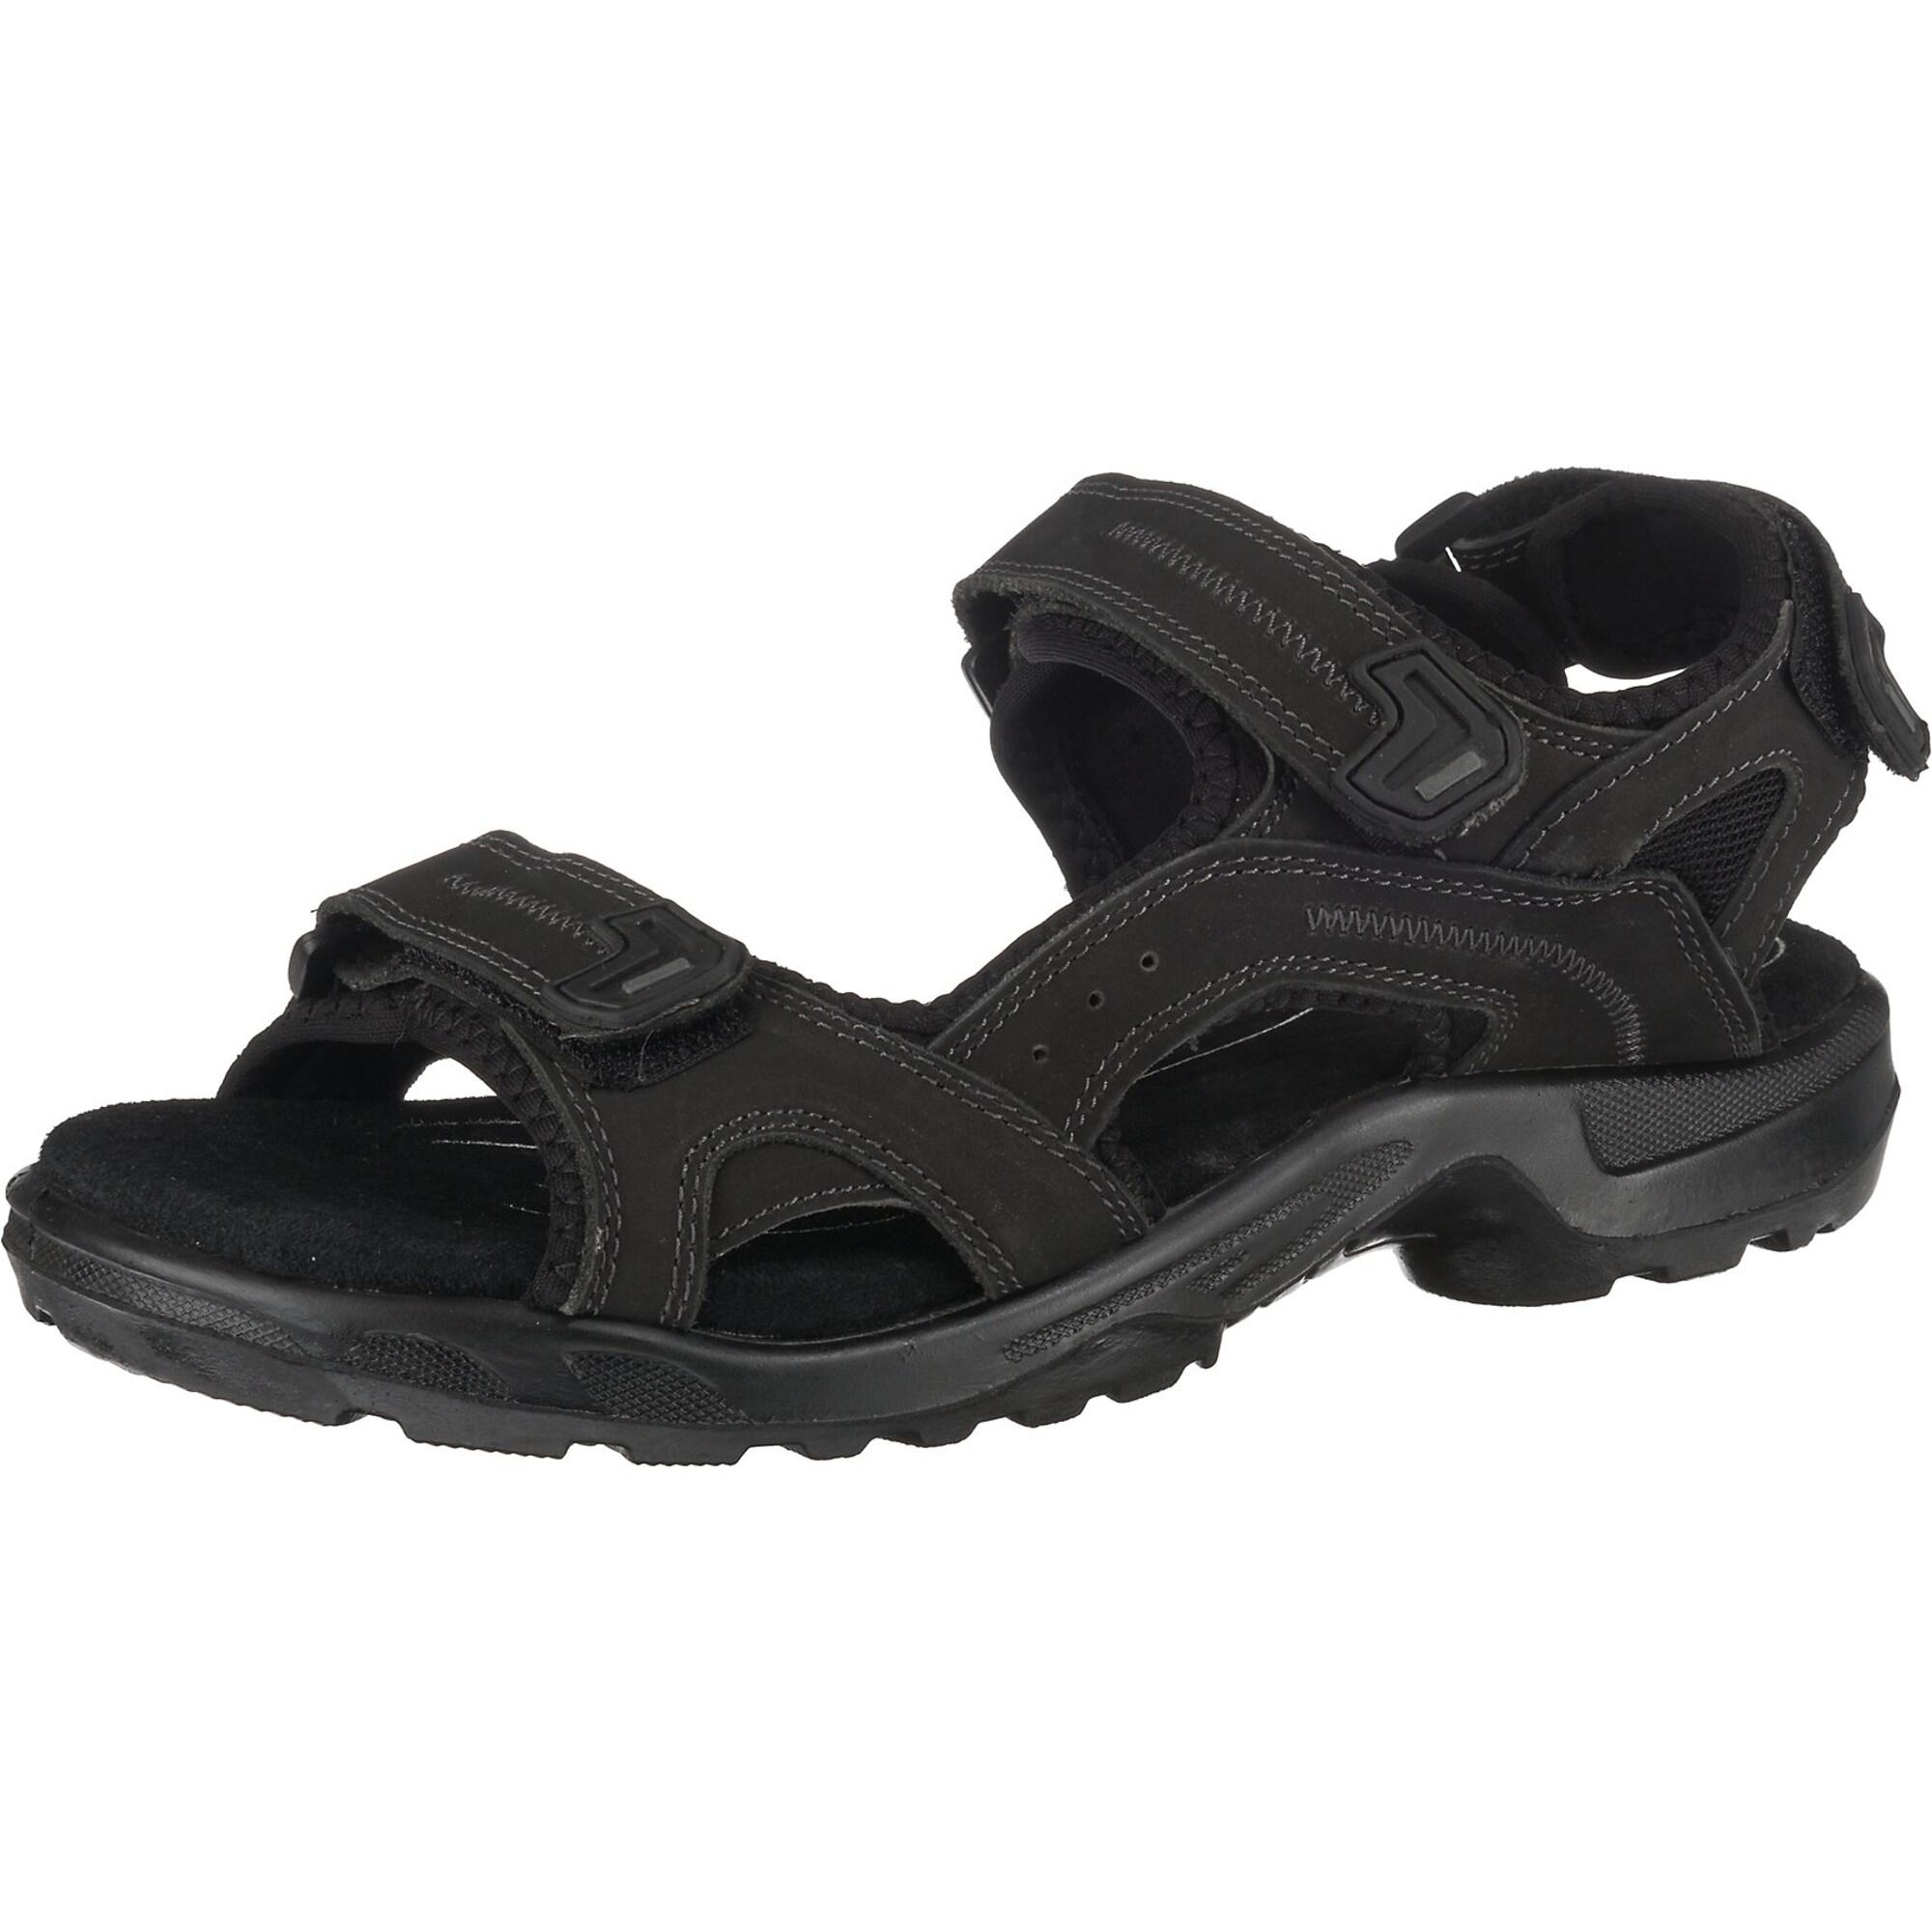 Sandalen 'Trovo' | Schuhe > Sandalen & Zehentrenner | ROHDE